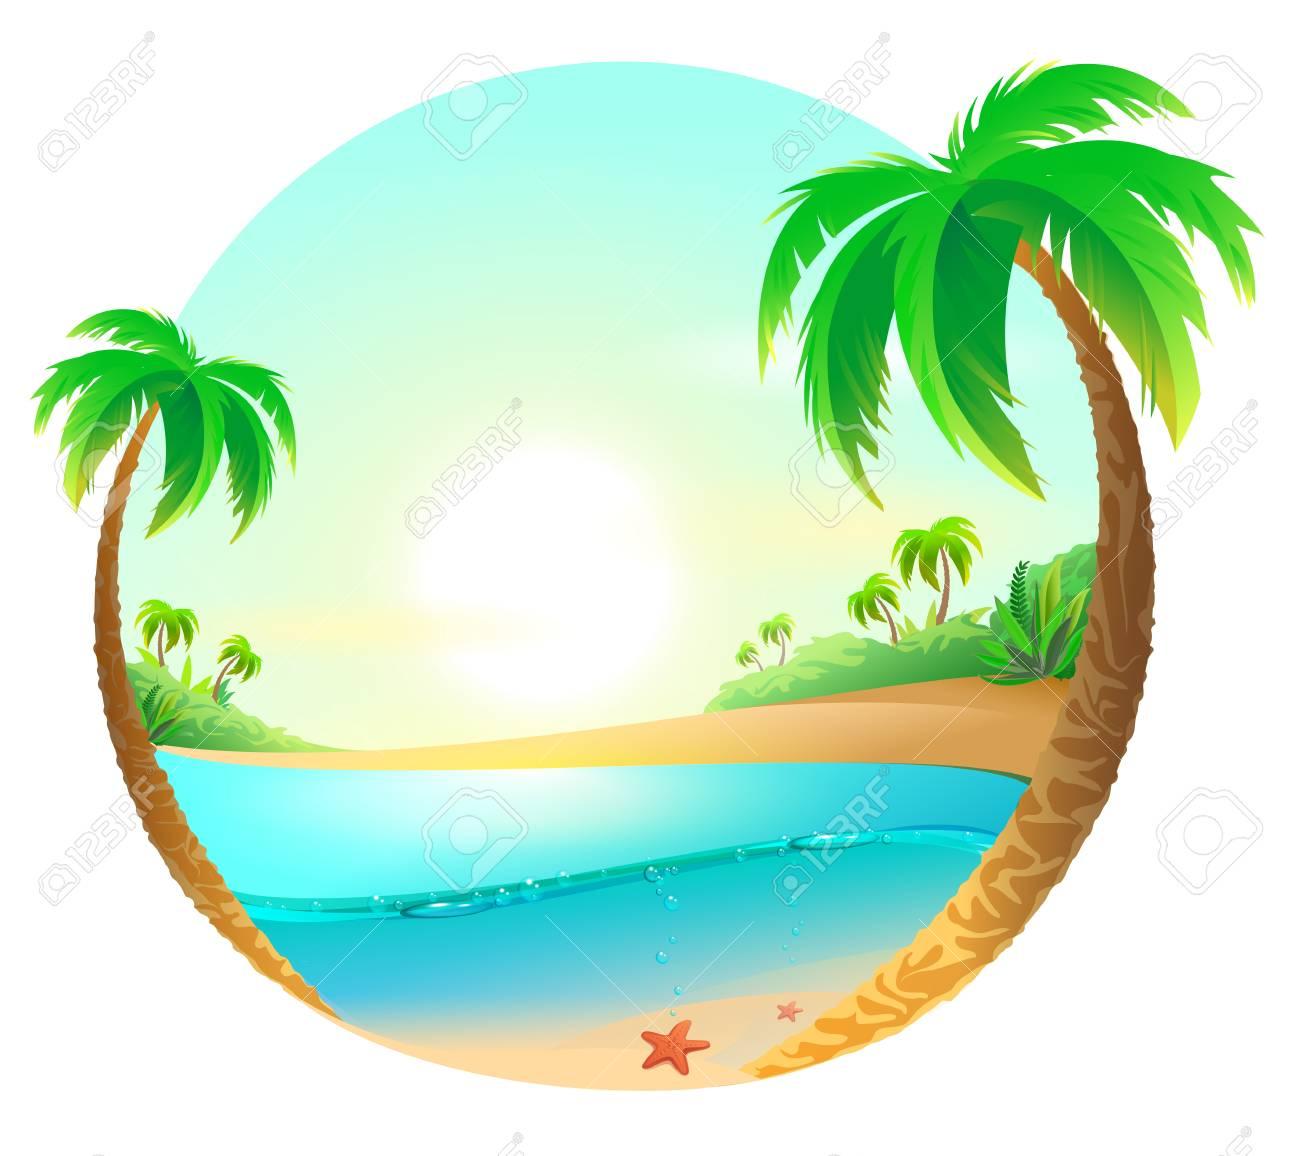 Playa Tropical Entre Palmeras Ilustración De Dibujos Animados De